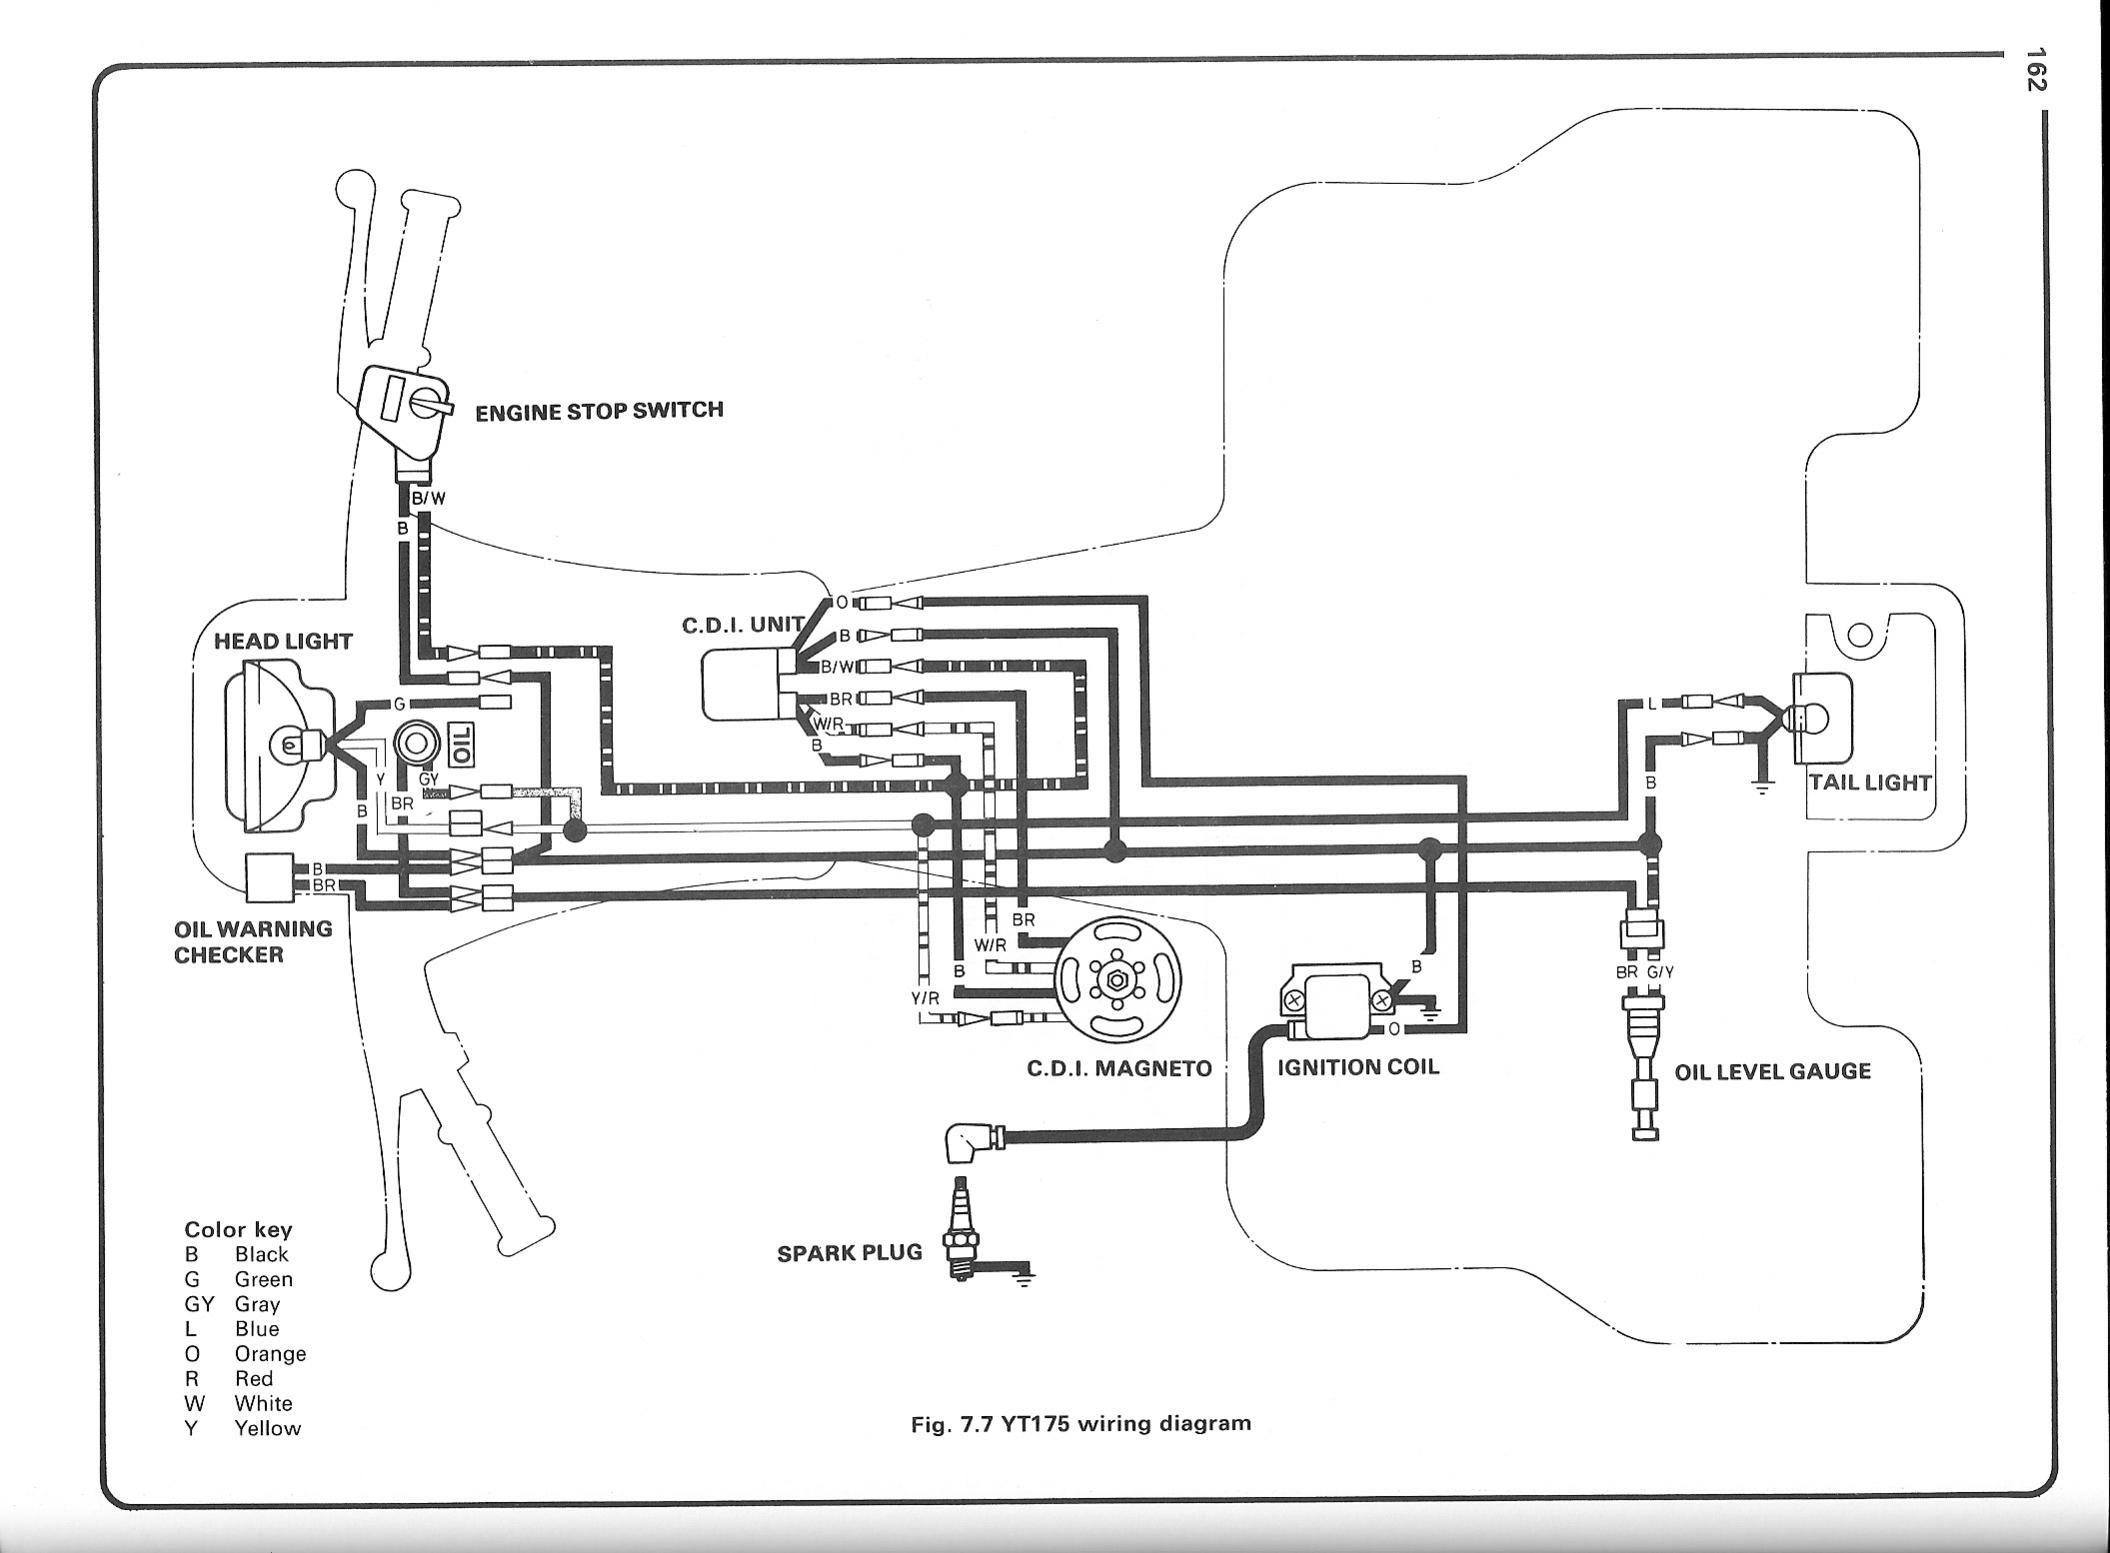 Ungewöhnlich Yamaha Moto 4 80 Schaltplan Ideen - Der Schaltplan ...